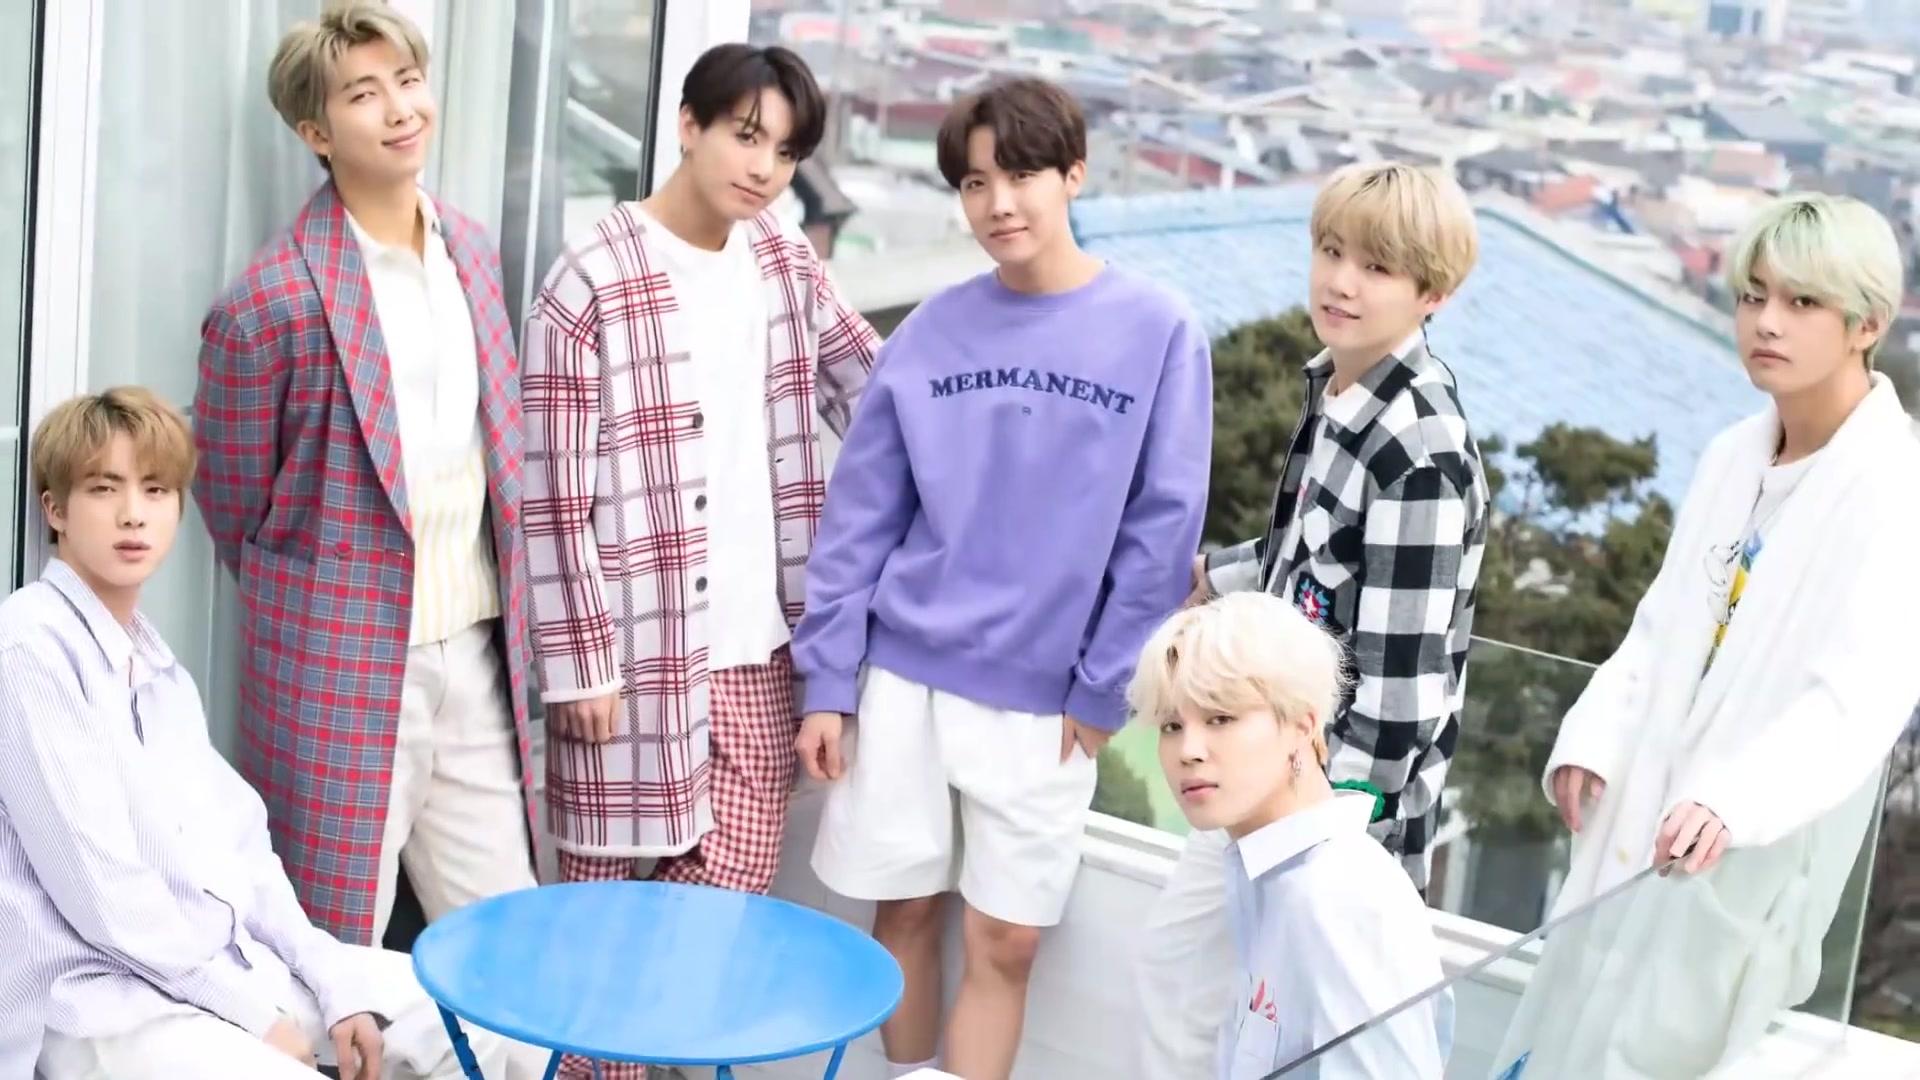 Xếp hạng 10 nhóm nhạc Kpop nổi tiếng nhất ở Mỹ nữa đầu năm 2021: Blackpink, TWICE đứng vững vị trí top 3, BTS cân cả Kpop với số điểm ấn tượng - Ảnh 10